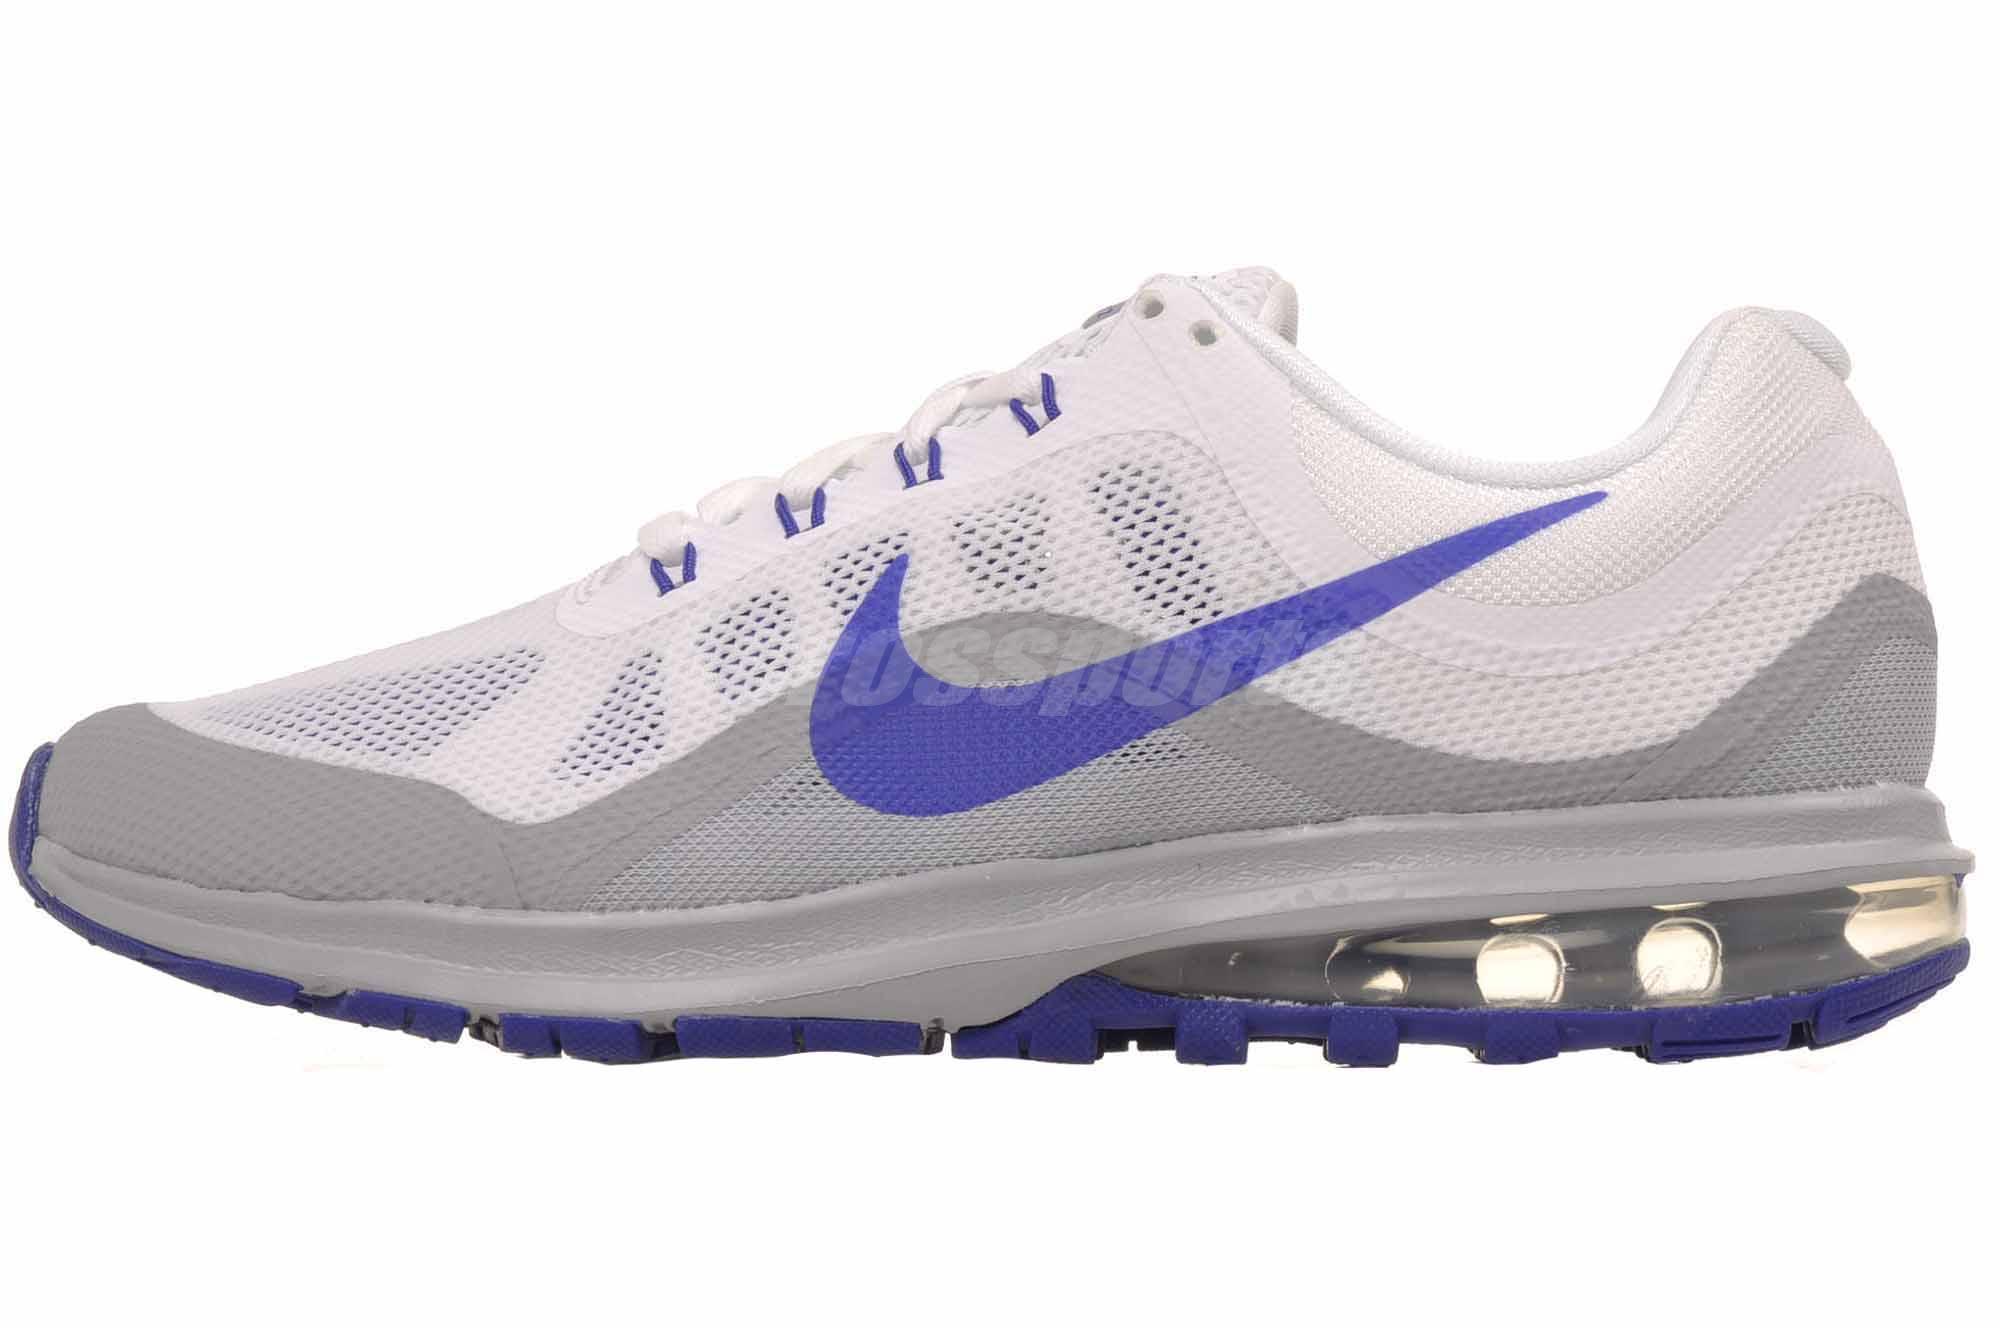 Detalles acerca de Nike Max Dynasty 2 Correr para Hombre Air Zapatos Blanco Azul 852430 104 mostrar título original